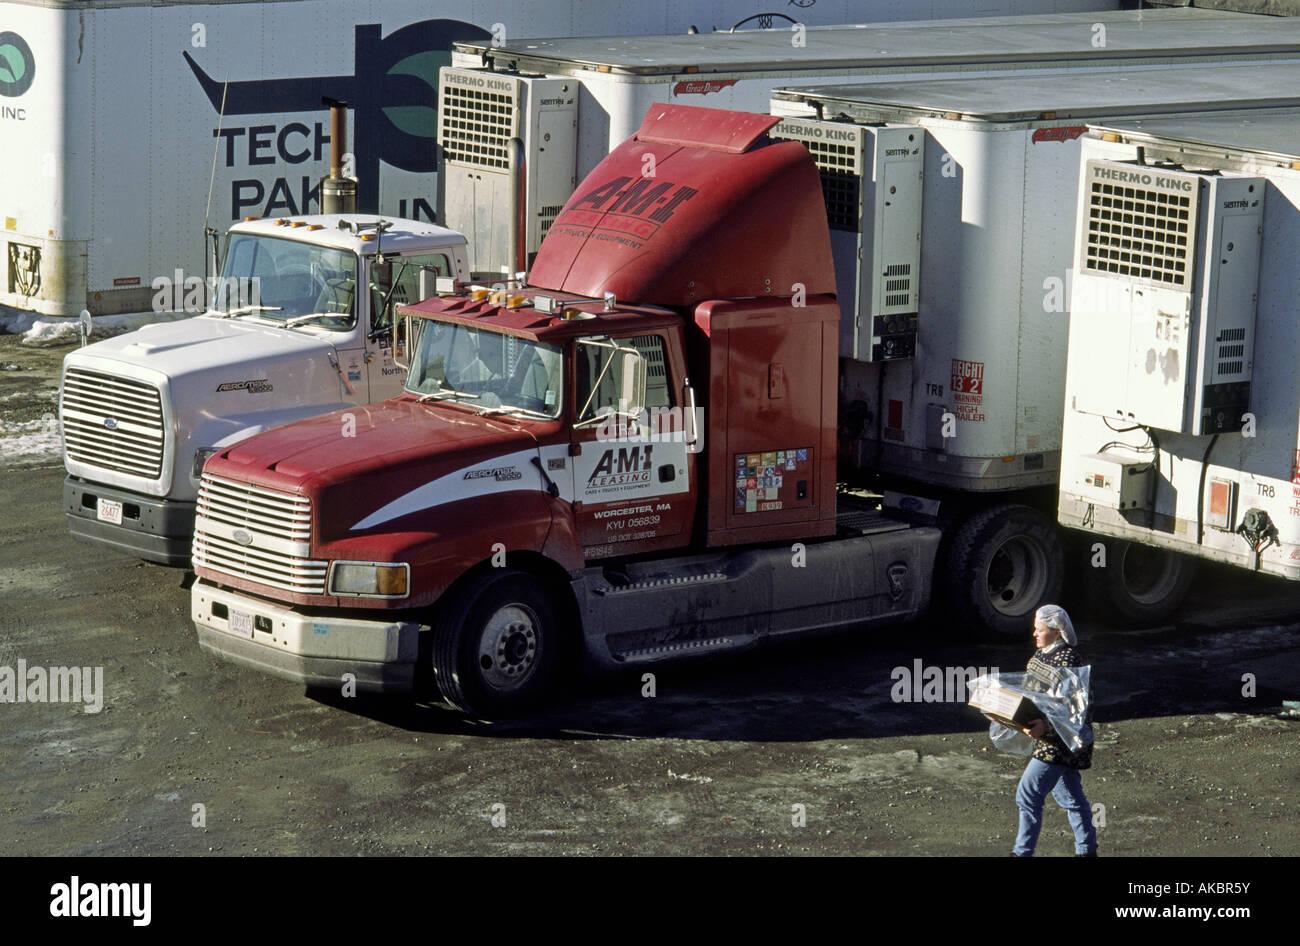 Trade Wheel Stock Photos & Trade Wheel Stock Images - Alamy